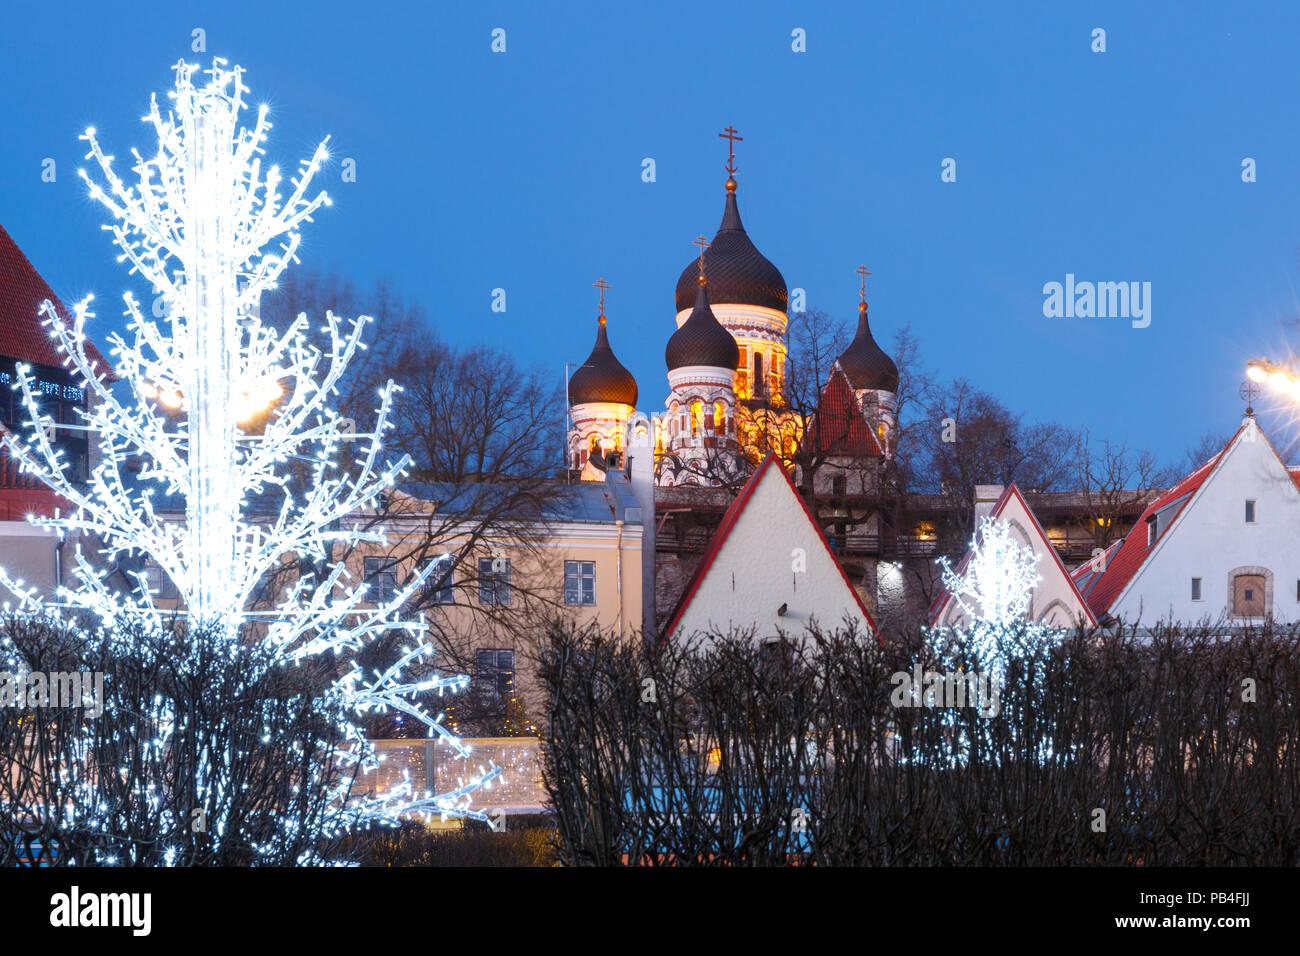 Night street in the Old Town of Tallinn, Estonia Stock Photo